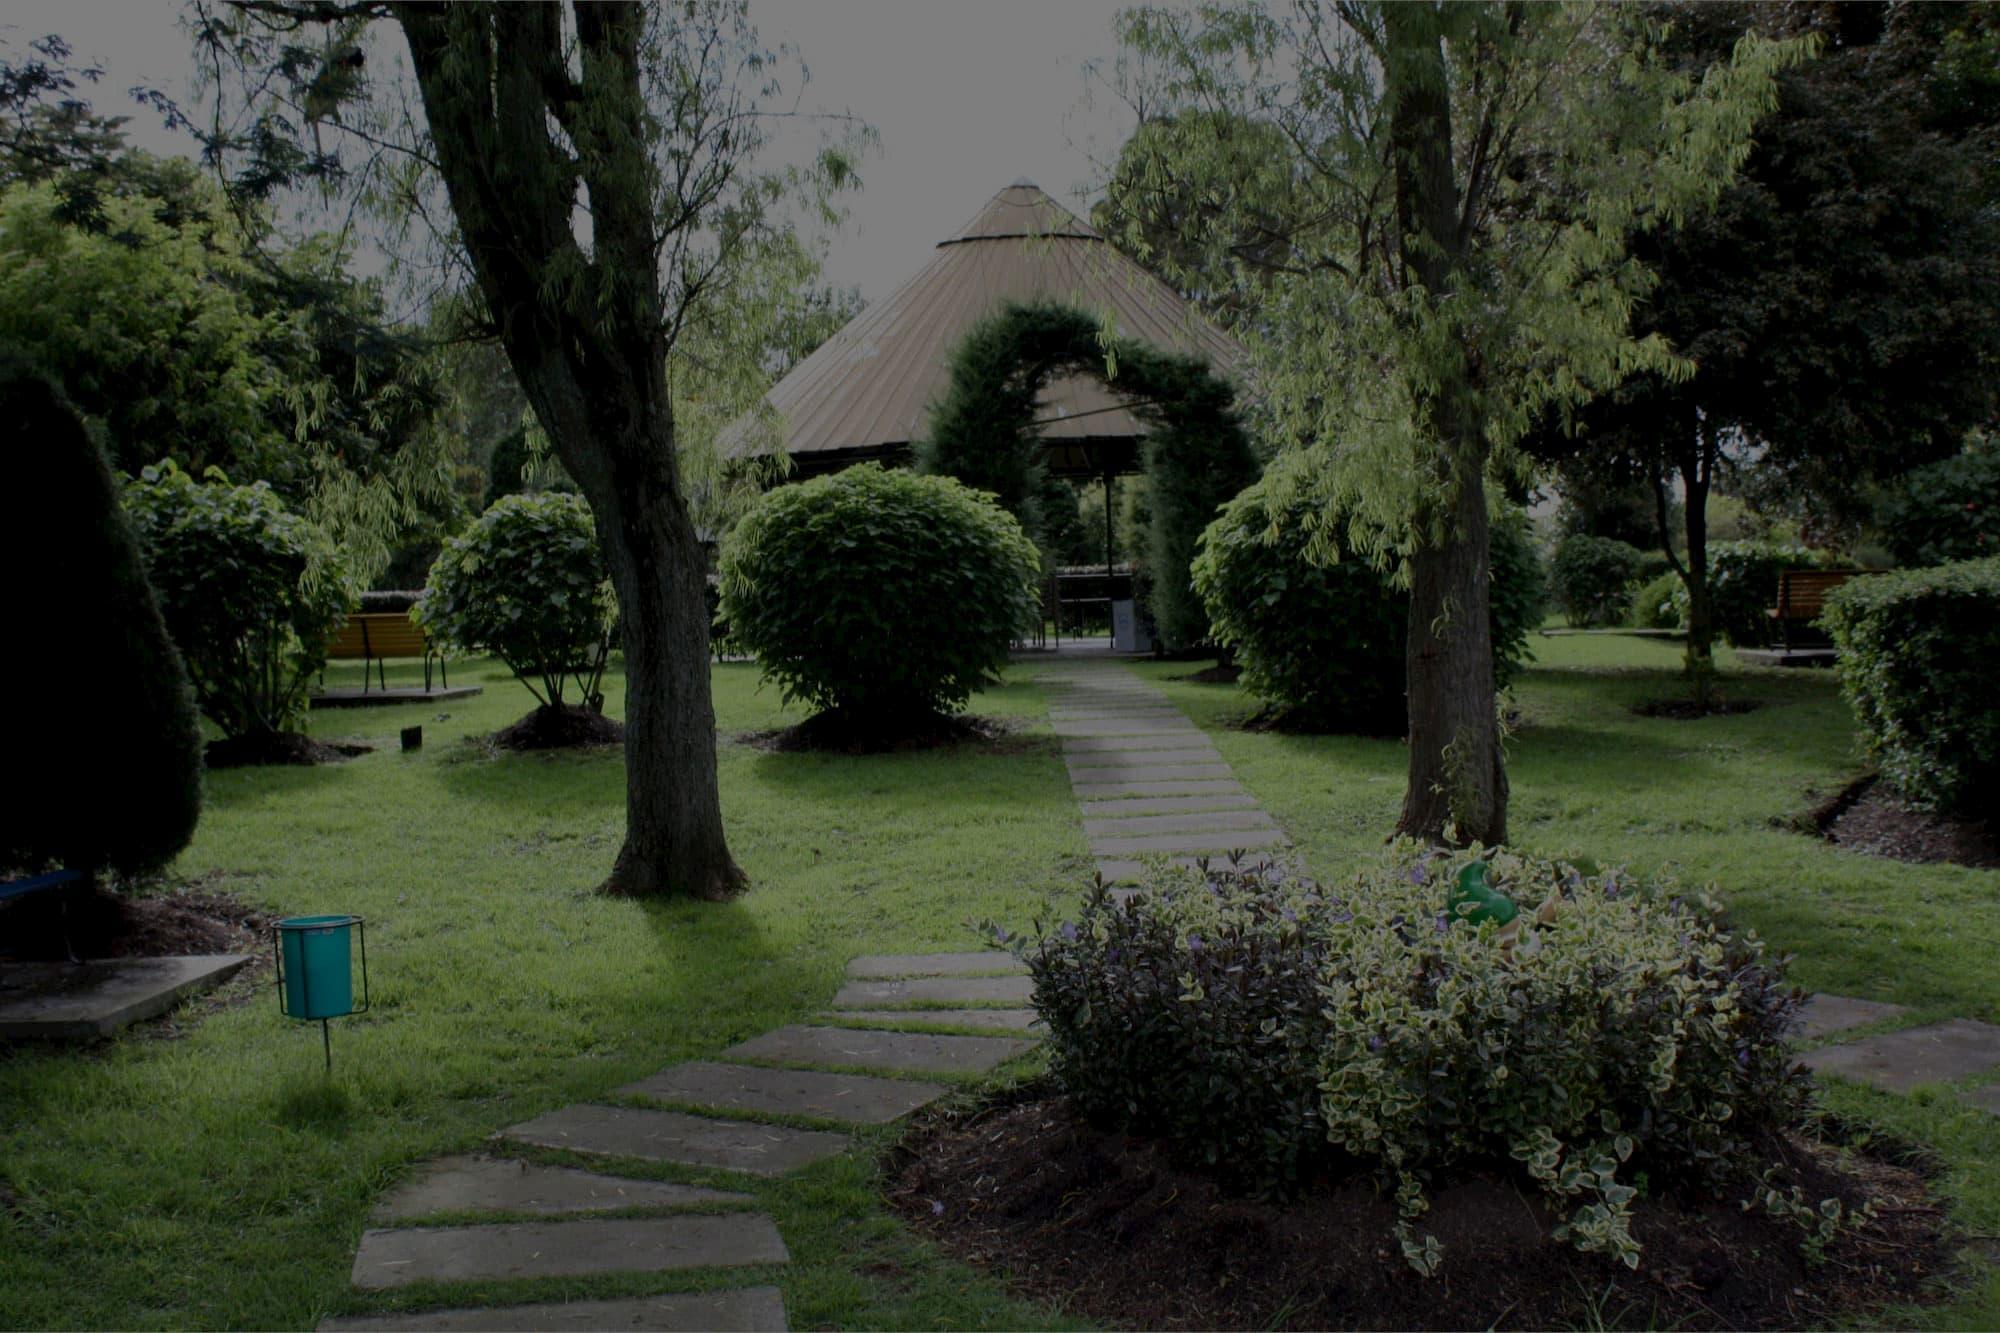 Casa de retiros El Edén